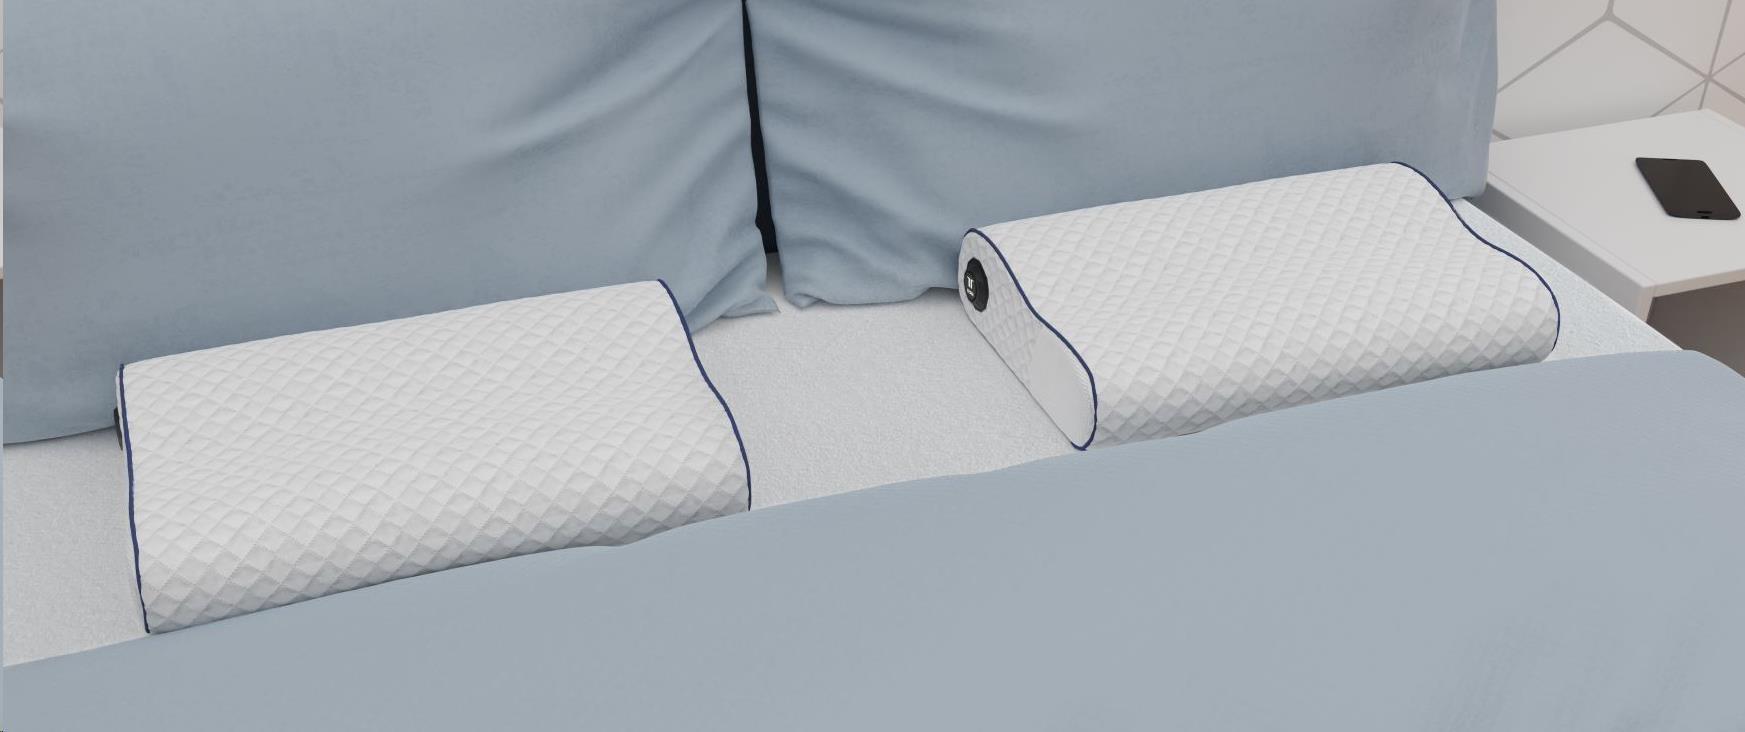 Obr. Tesla Smart Heating Pillow 1591648a